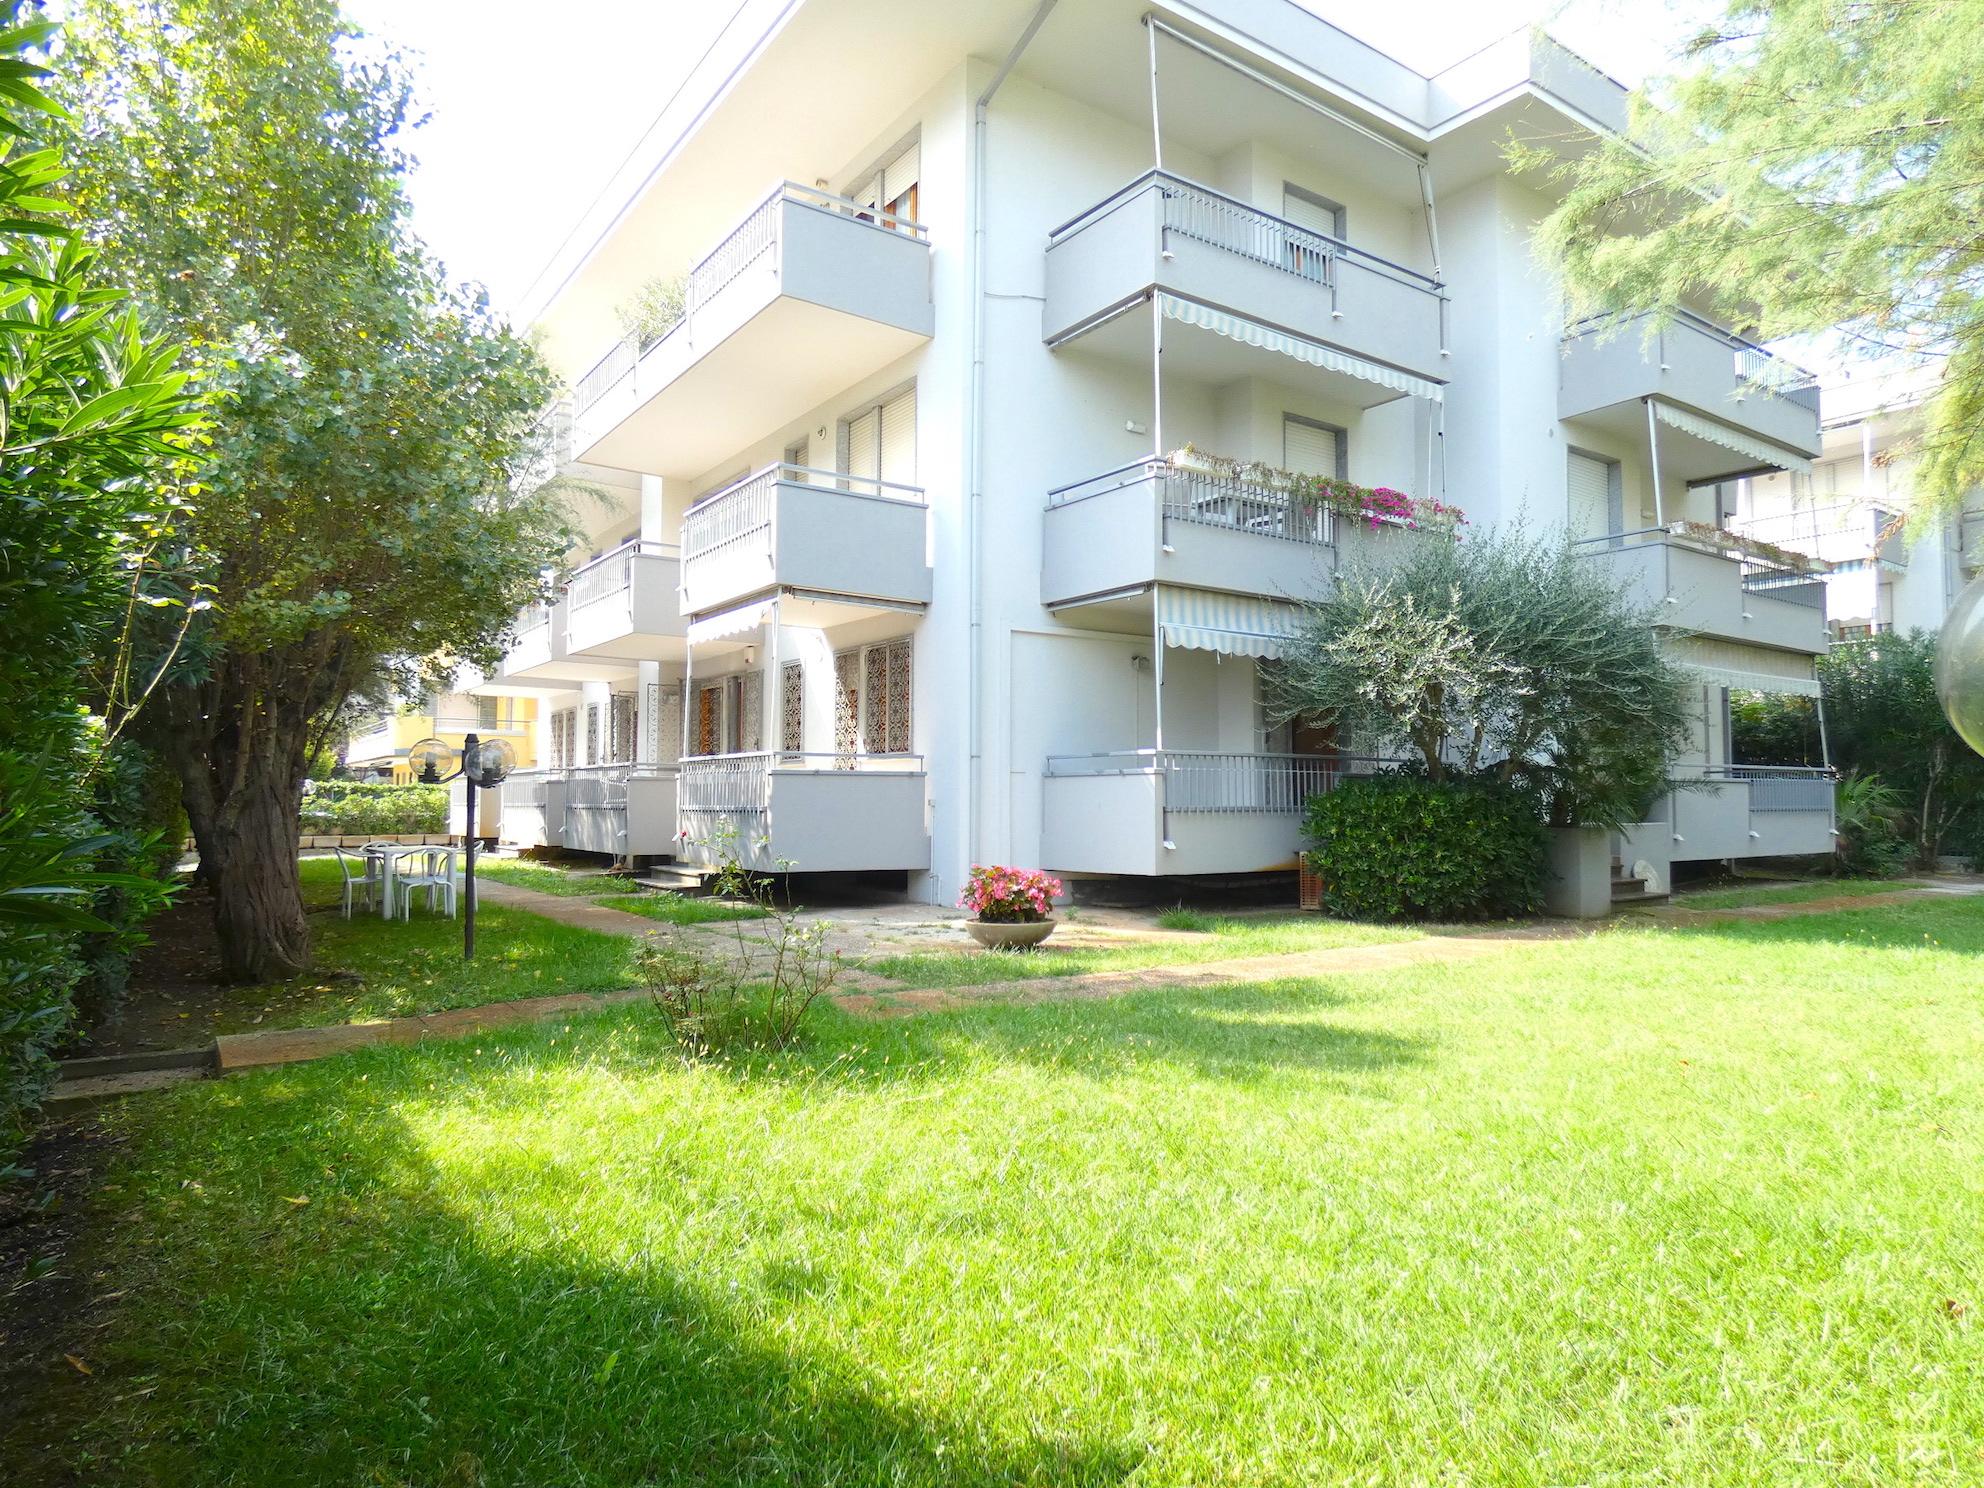 RICCIONE PORTO, Appartamento di circa 200 mq con giardino in vendita